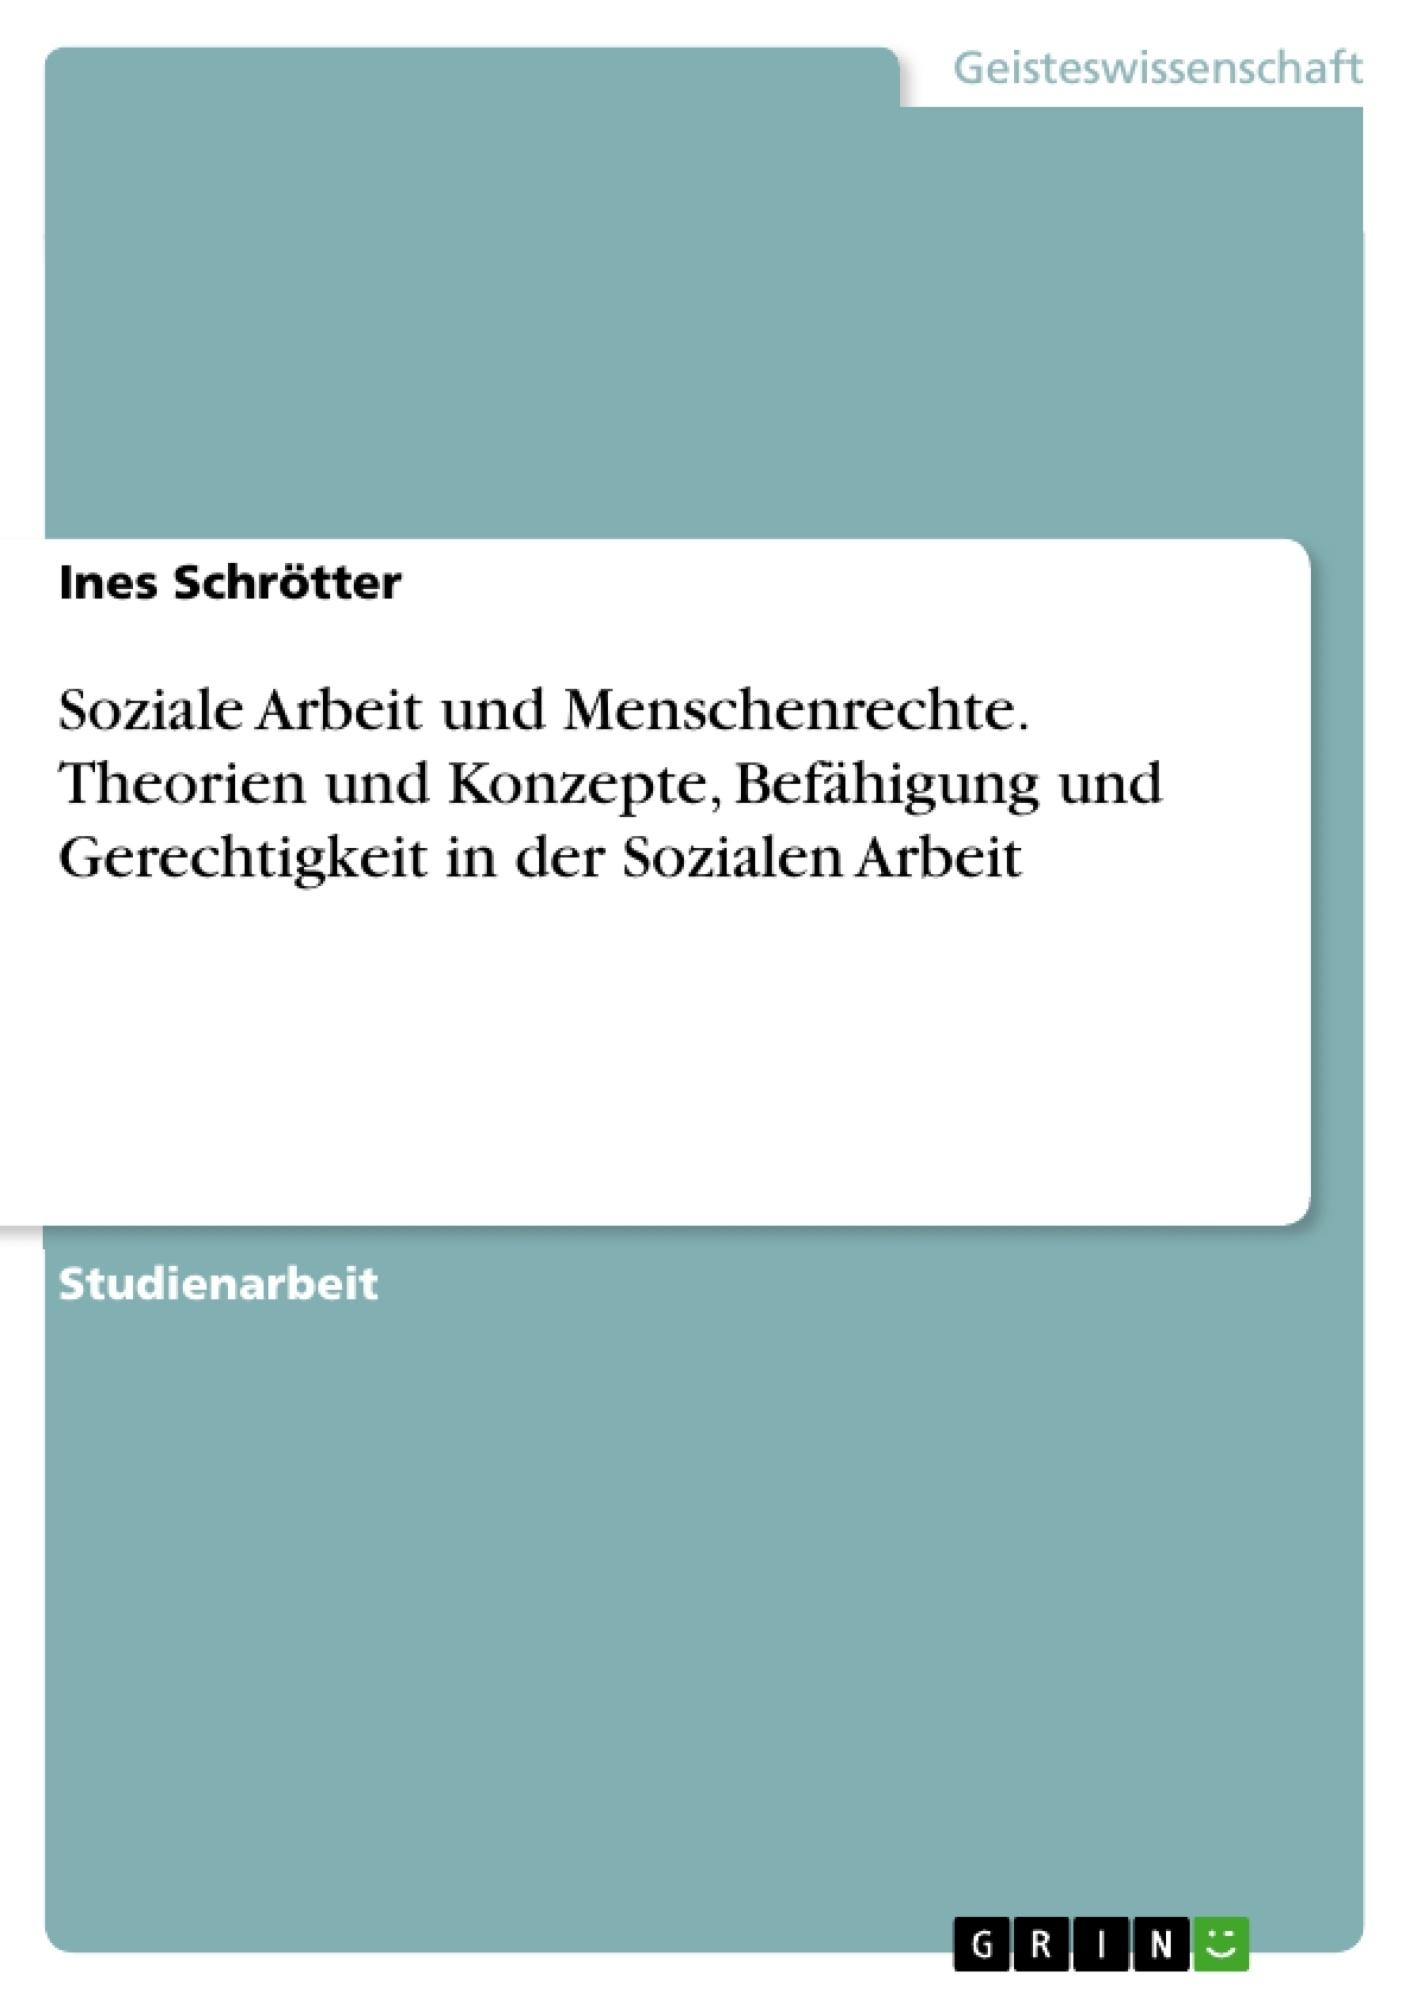 Titel: Soziale Arbeit und Menschenrechte. Theorien und Konzepte, Befähigung und Gerechtigkeit in der Sozialen Arbeit